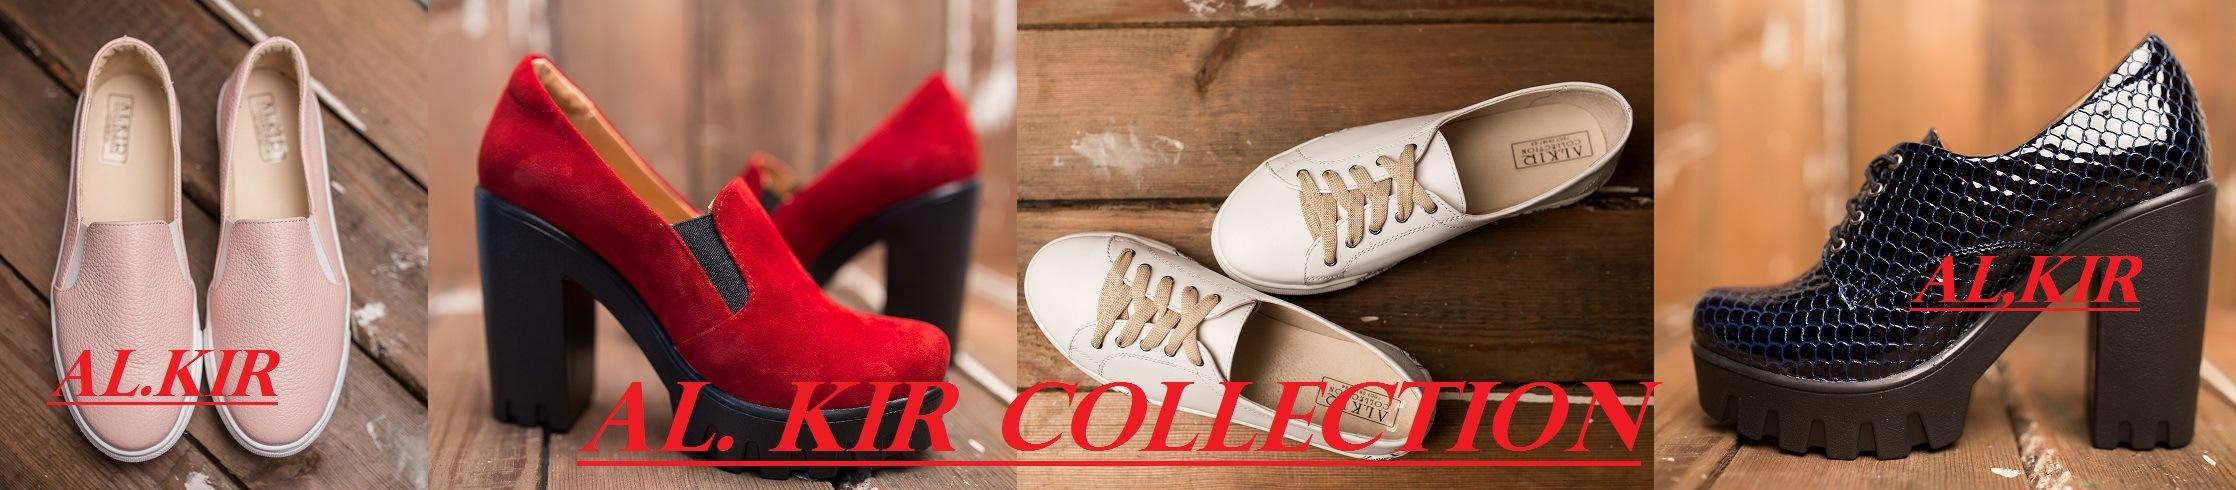 Фабрика обуви AL.KIR (Аль Кир) - Днепр ― Выставка обуви онлайн c054751f44677